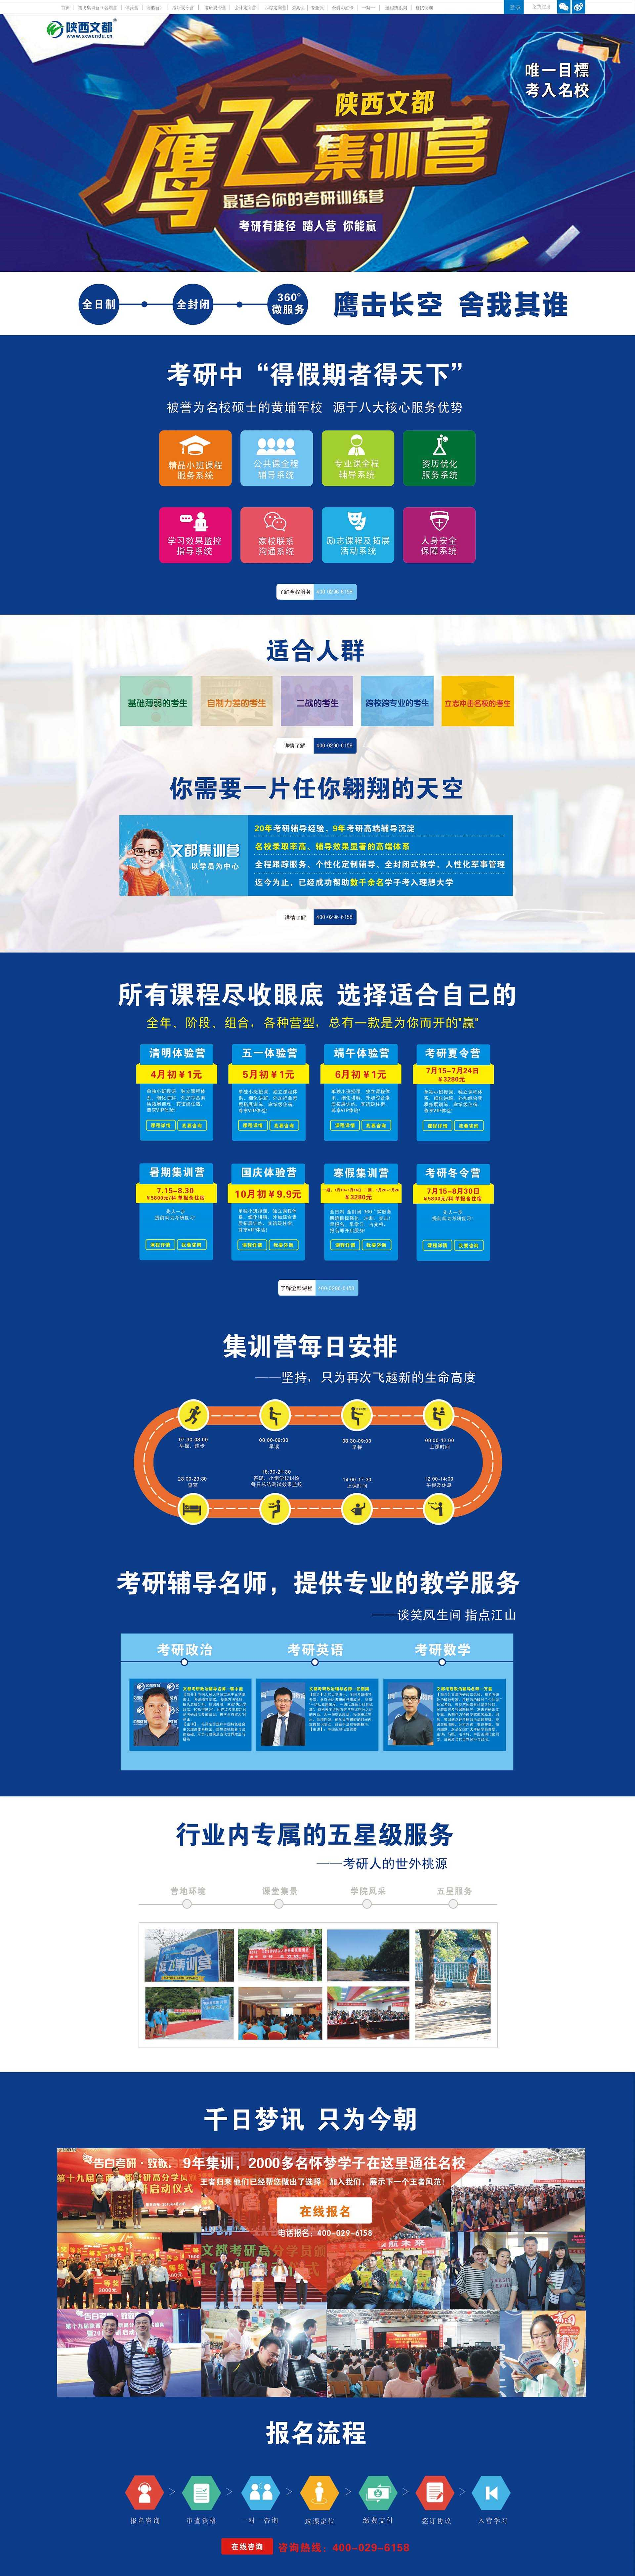 蓝色的教育网站集训专题页面设计模板